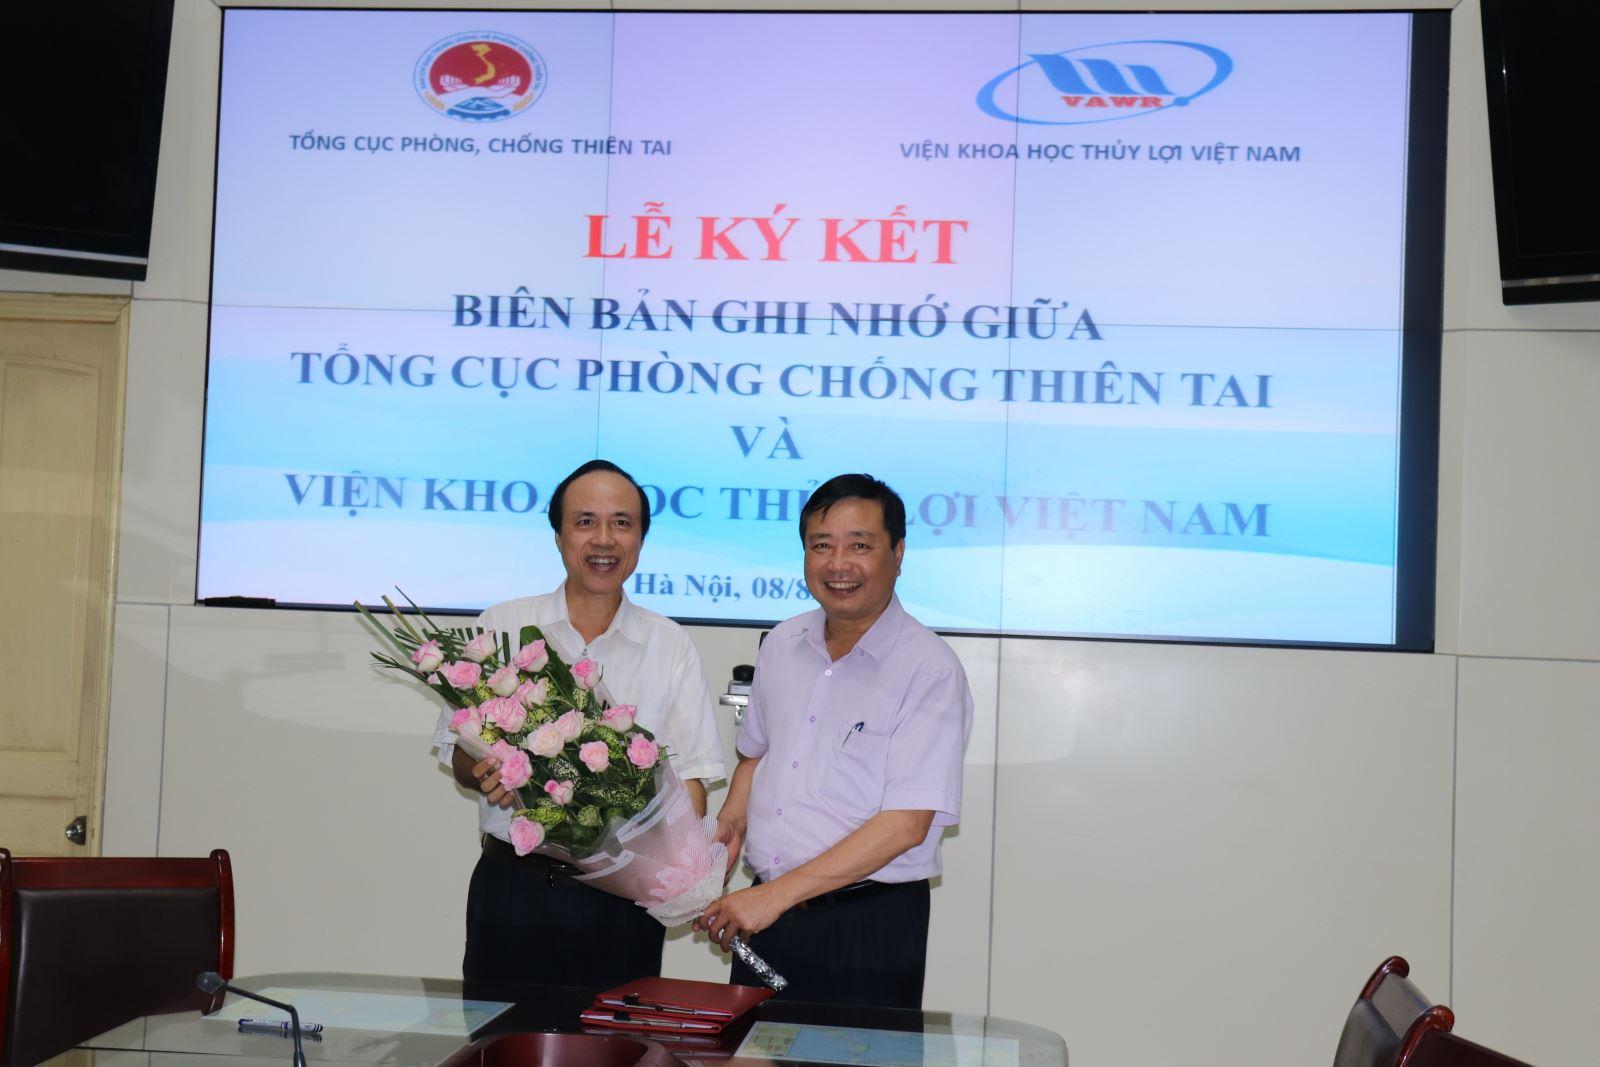 Lễ ký kết biên bản ghi nhớ giữa Tổng cục Phòng chống thiên tai và Viện Khoa học Thủy lợi Việt Nam